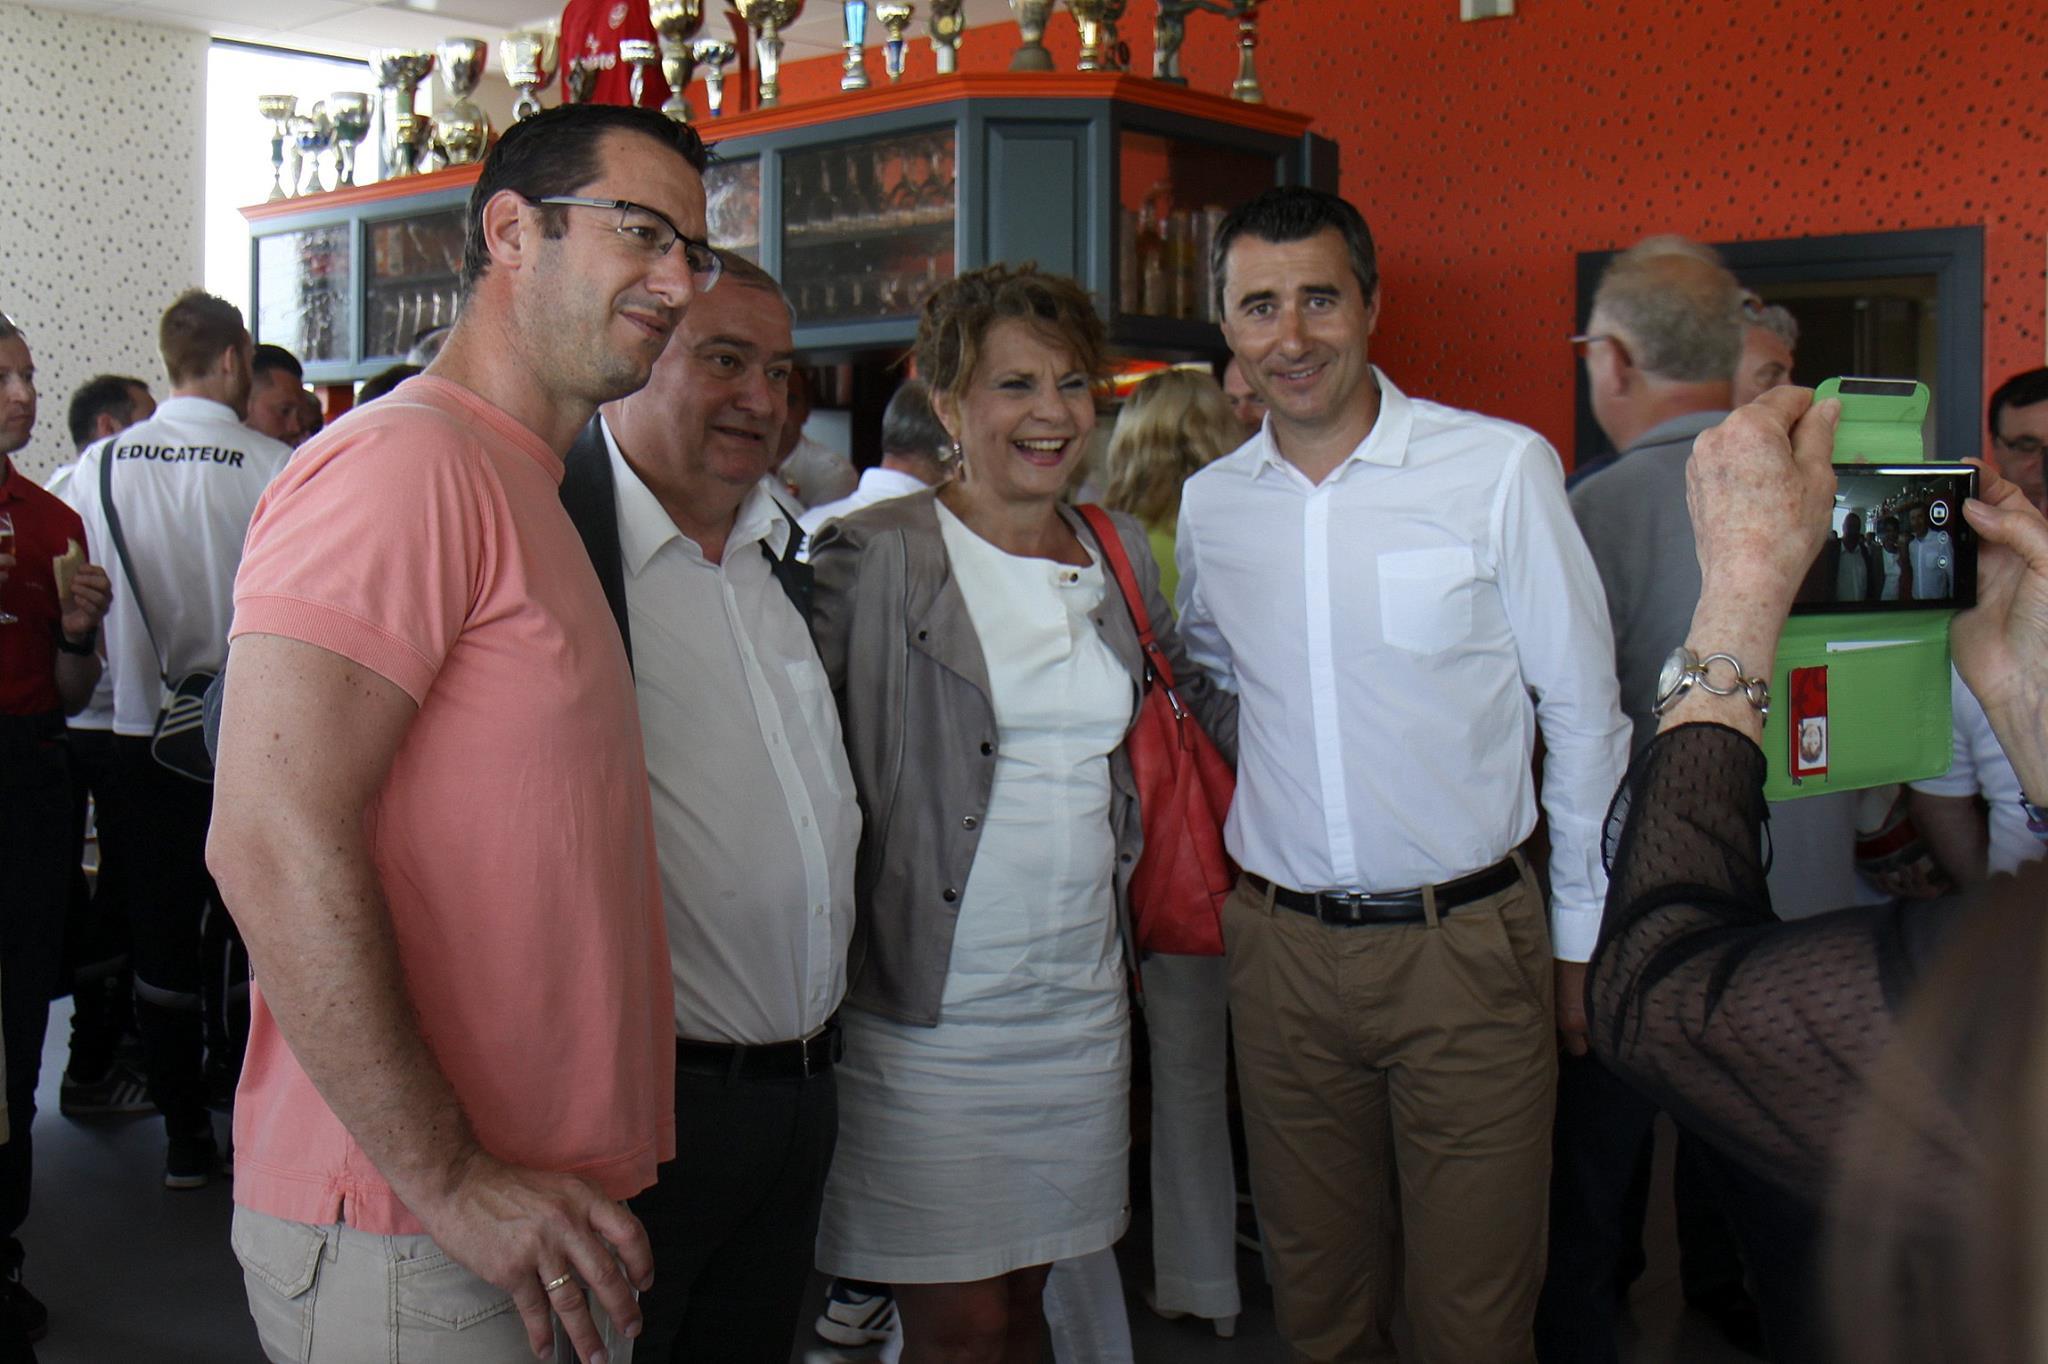 François et Marc Keller étaient présents